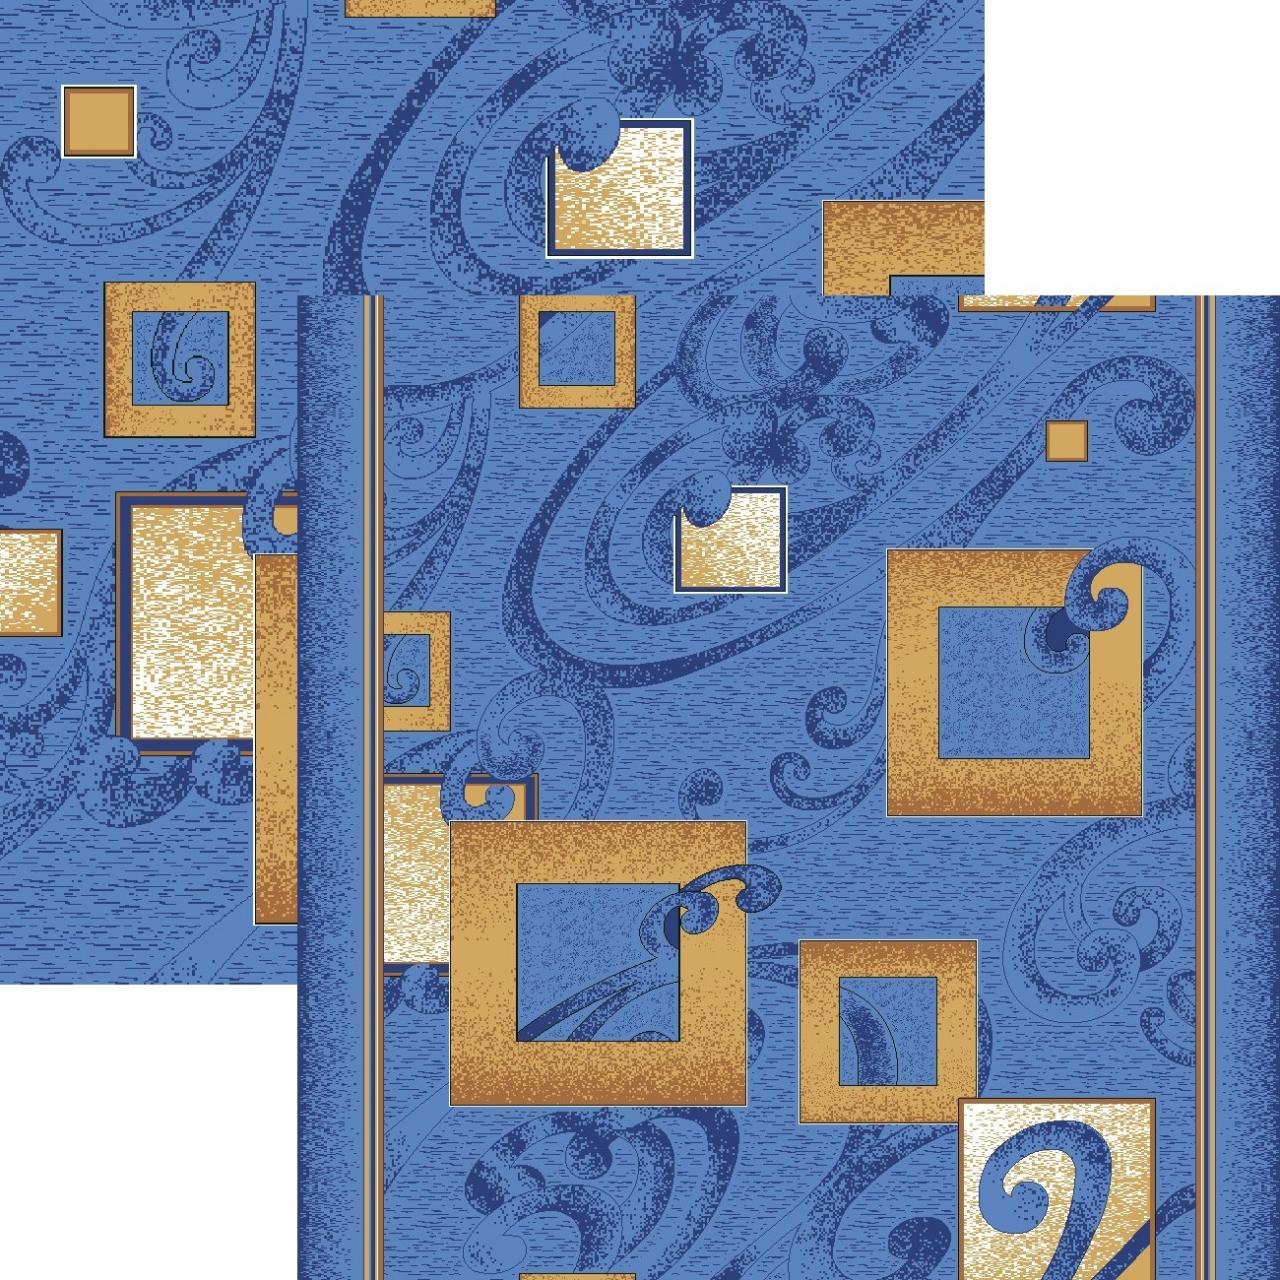 принт 8-ми цветное полотно - p1023m5p - 37